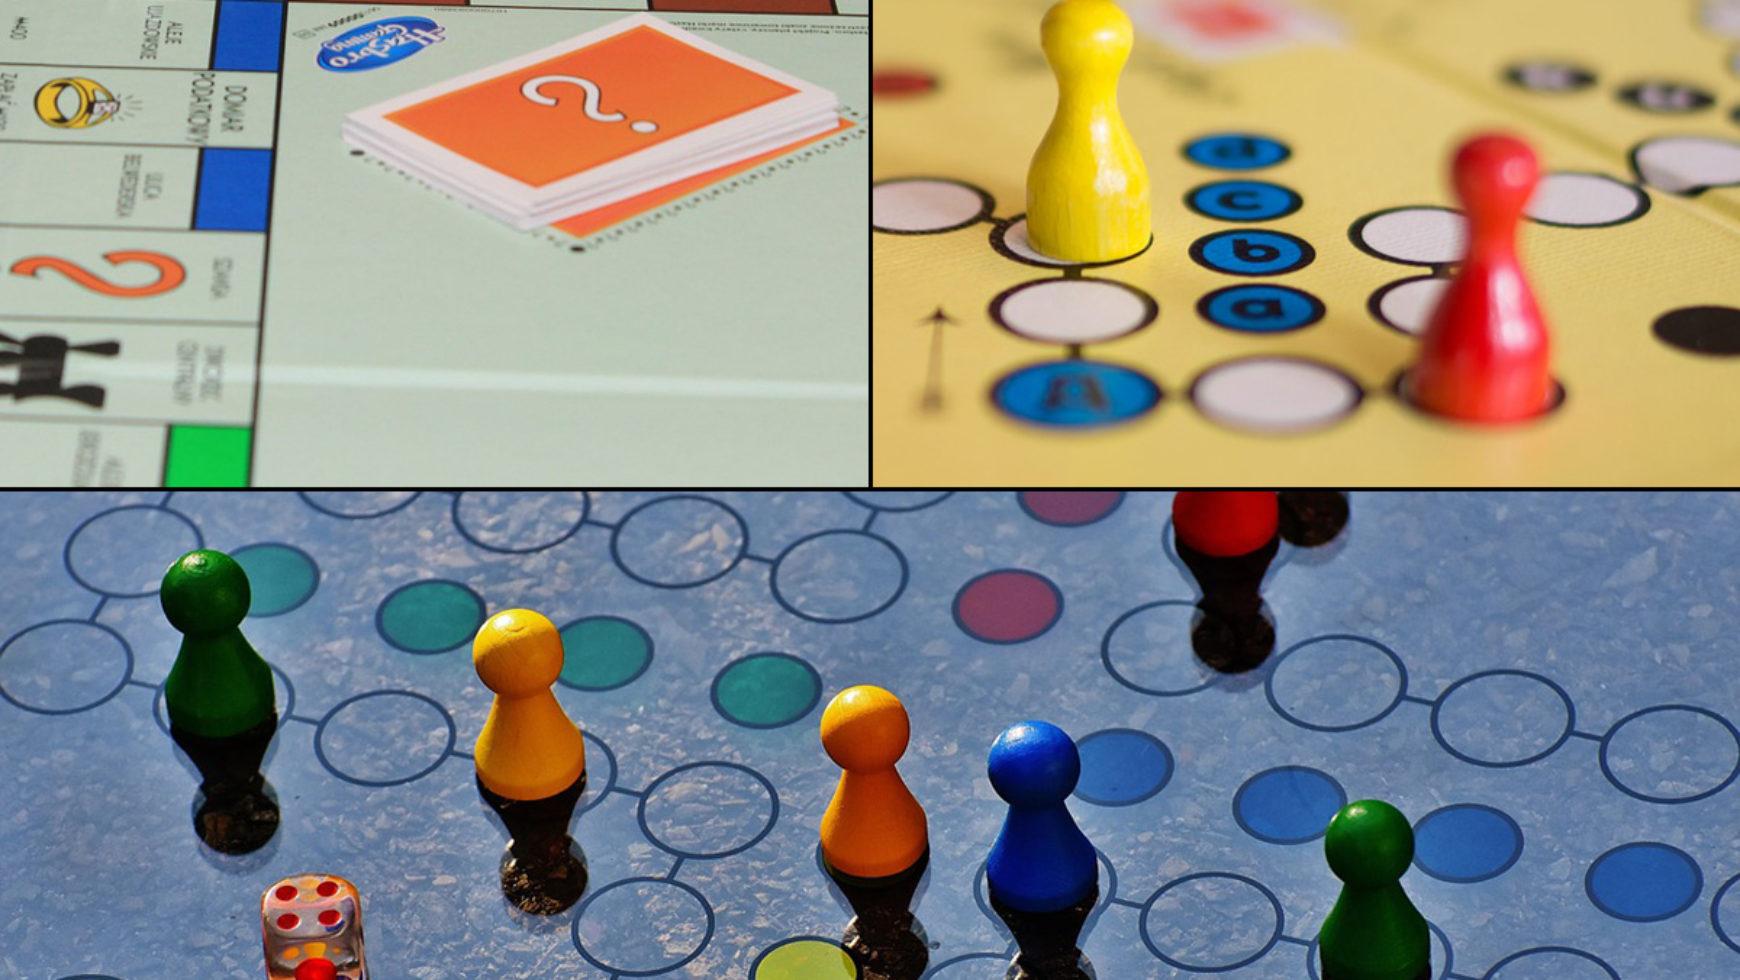 Family Fun Night – Board Games